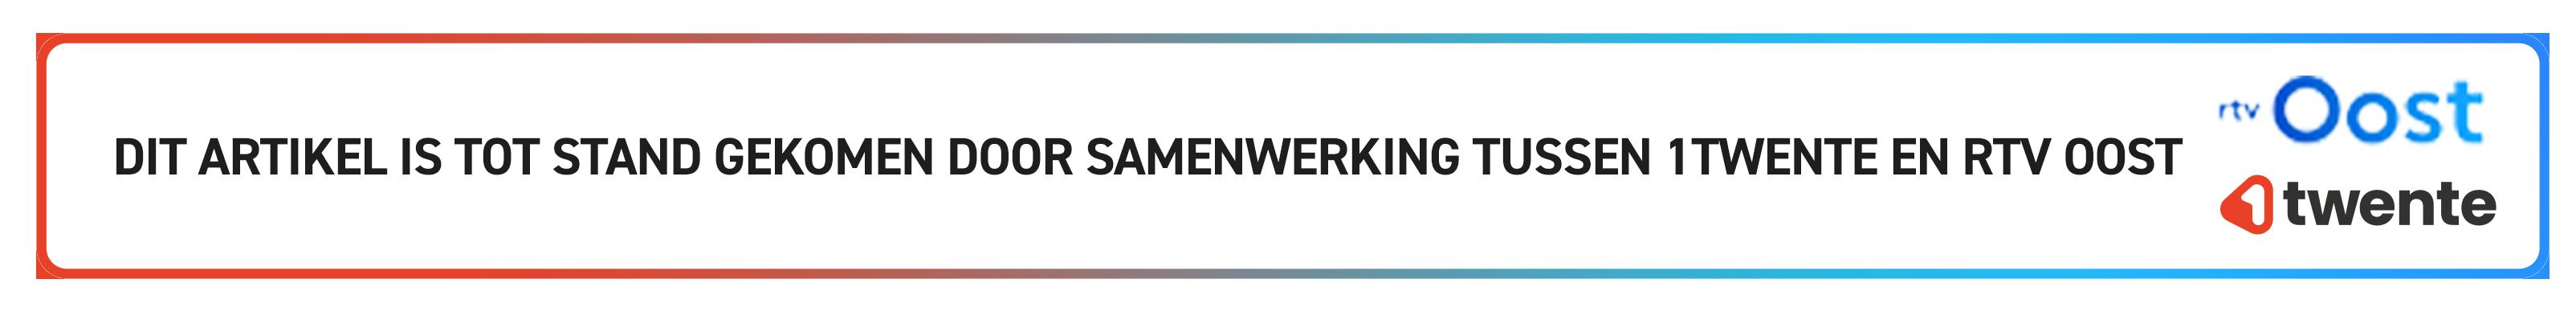 Banner samenwerking 1Twente en RTV Oost